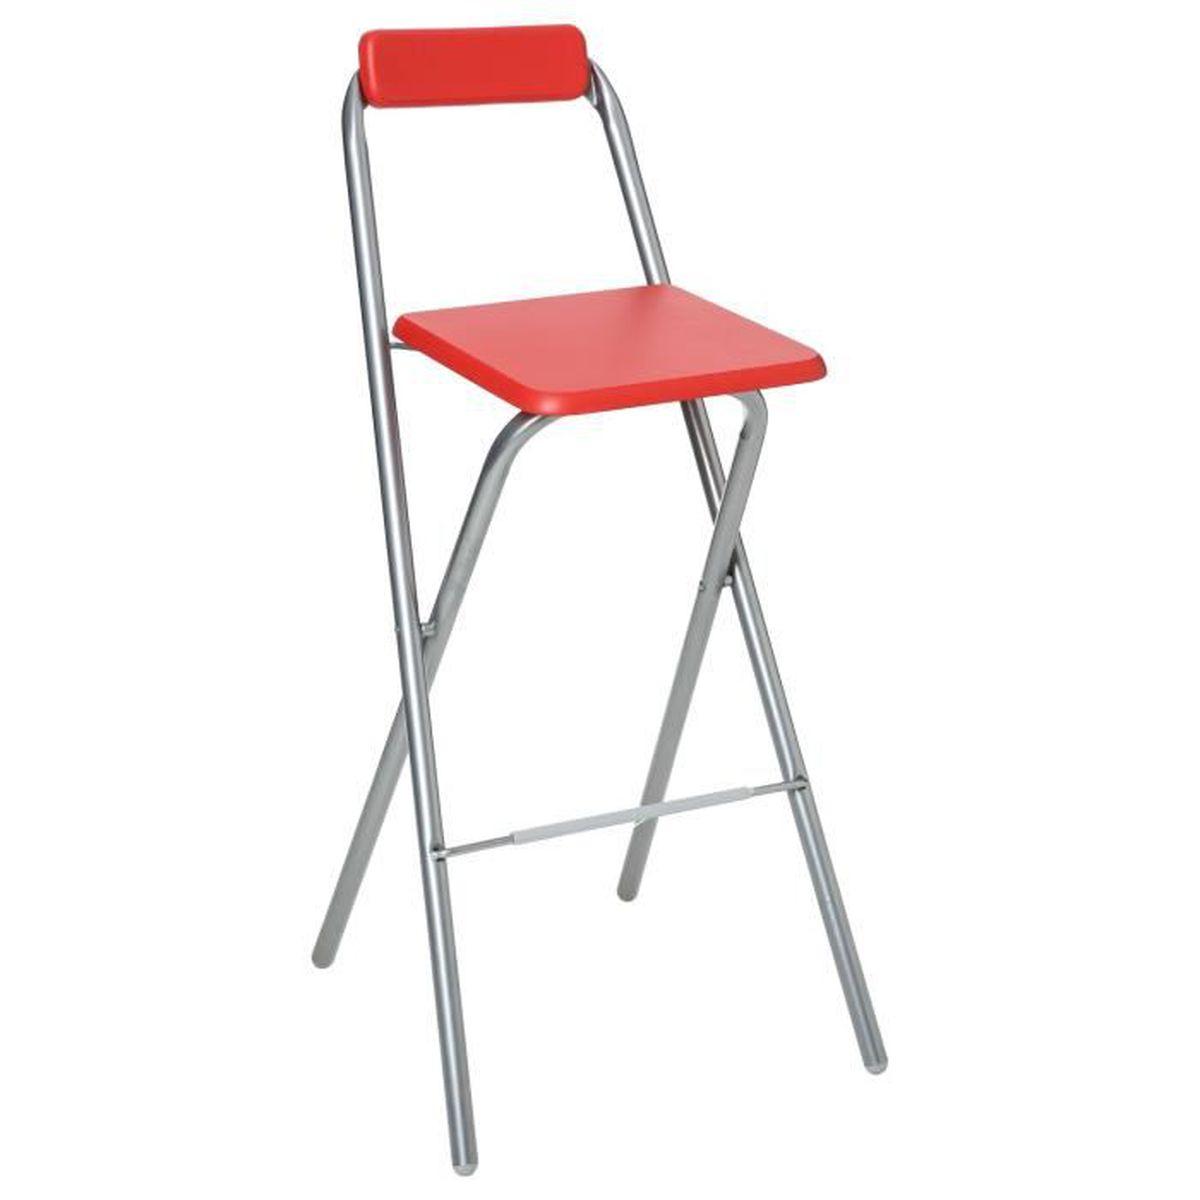 chaise de bar pliante louna rouge achat vente. Black Bedroom Furniture Sets. Home Design Ideas